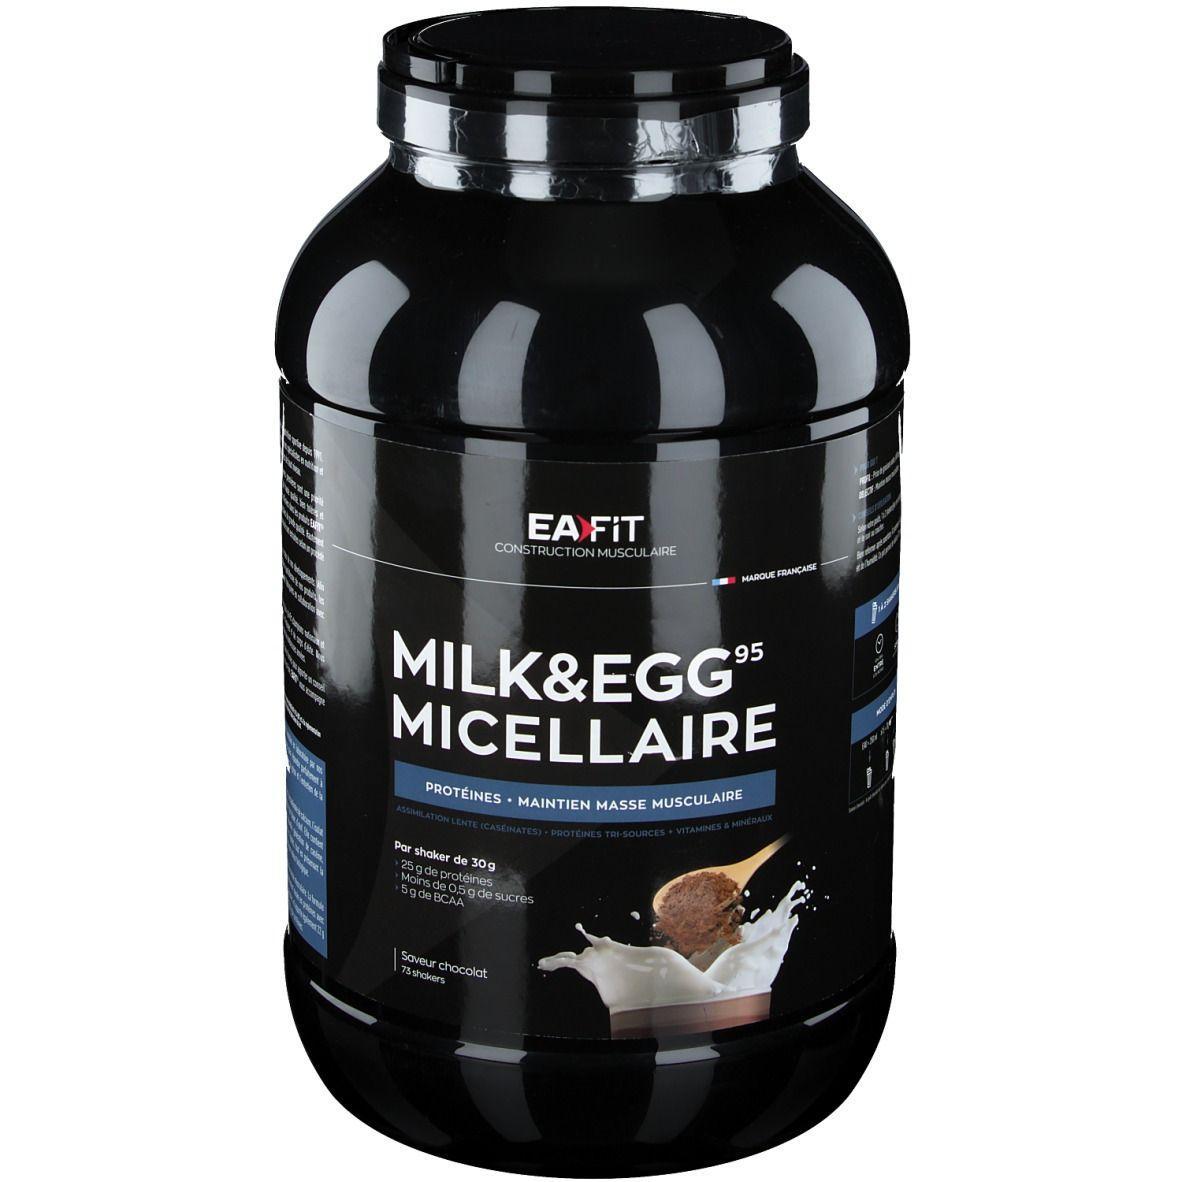 Eafit EA Fit Proteines Milk & Eggs 95 micellaire chocolat g poudre